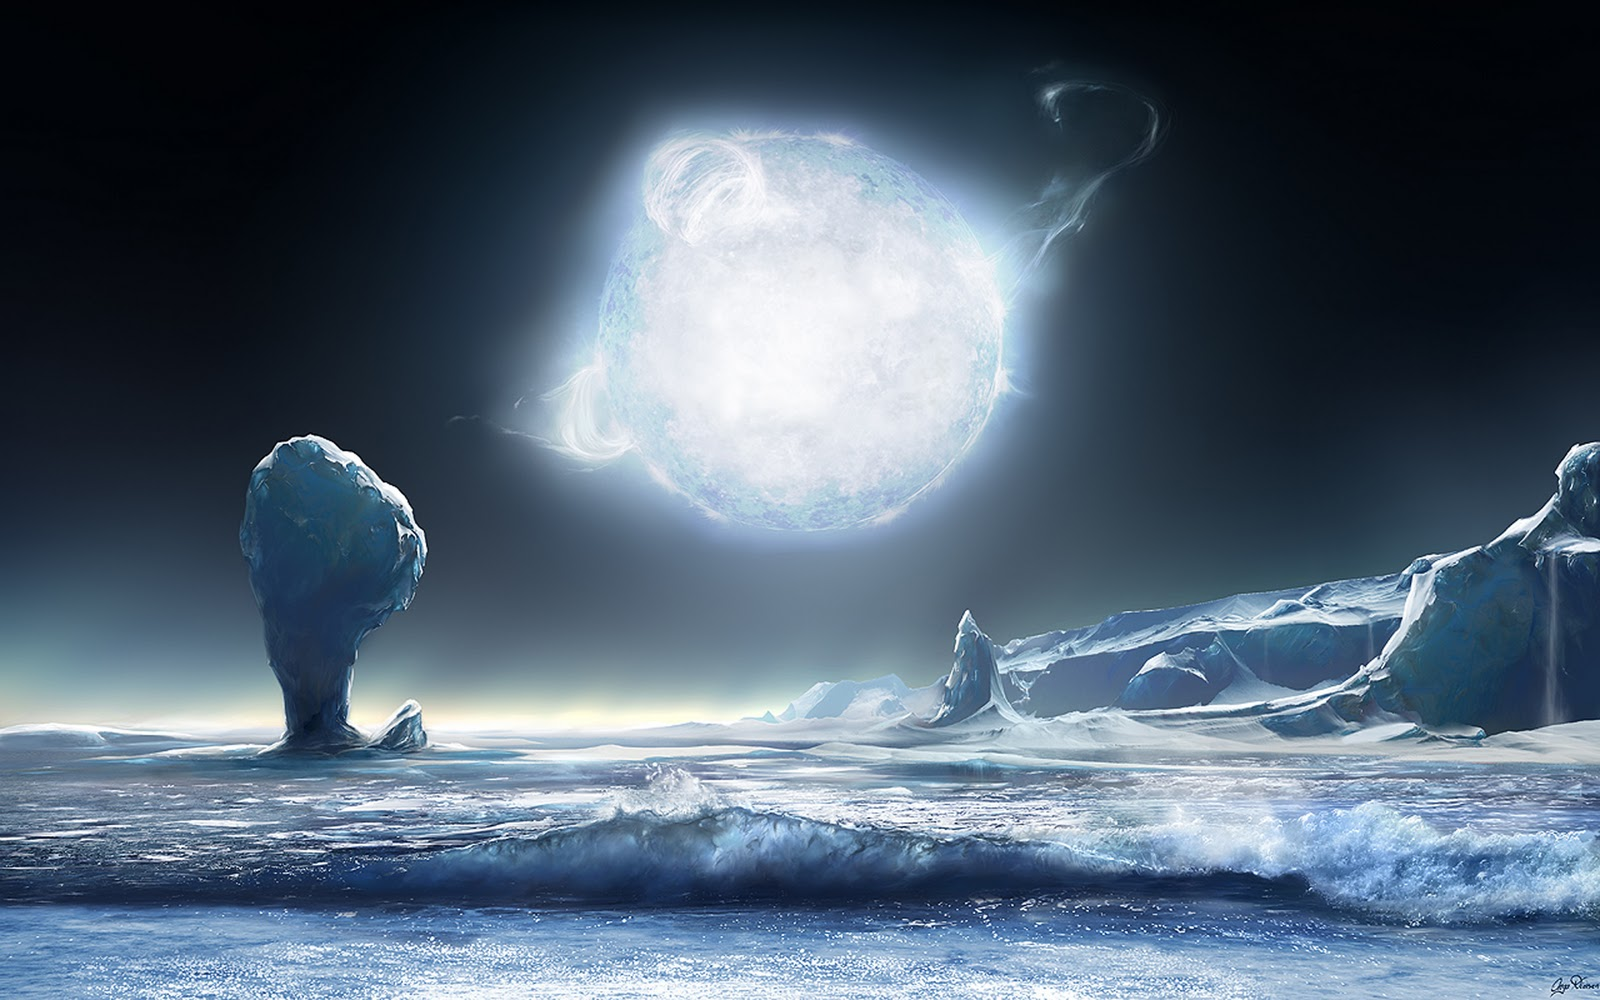 http://1.bp.blogspot.com/-qt4GOaVe61M/TqLP0BTq34I/AAAAAAAAArs/S5DYNauMaGQ/s1600/Fantasy-Sci-Fi.jpg